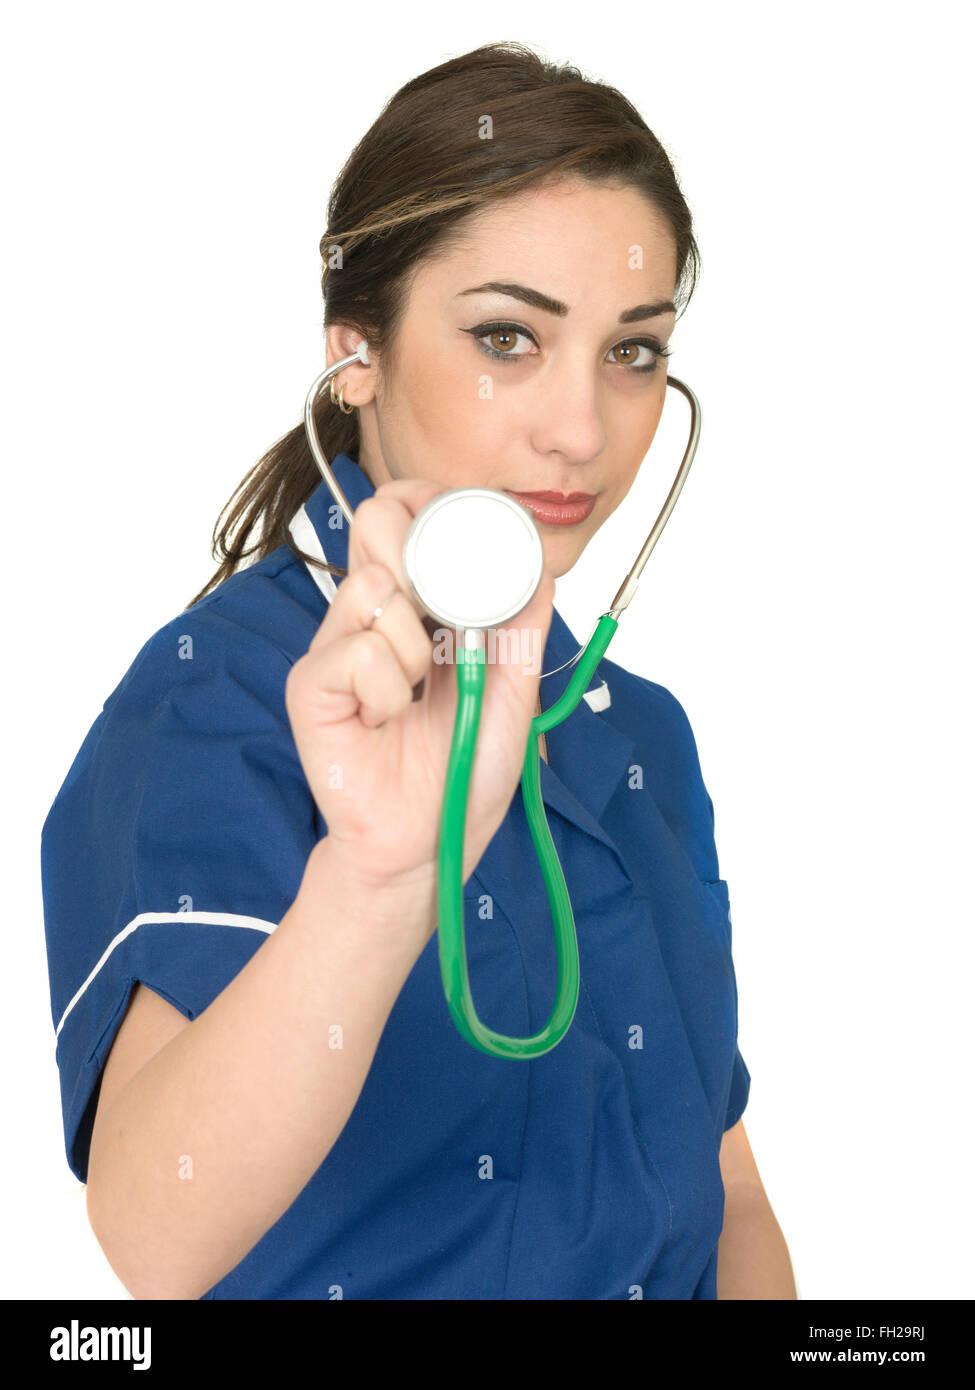 Junge weibliche Junior Arzt Krankenschwester oder Gesundheitswesen Arbeiter in einer blauen Uniform Tunika Stockbild